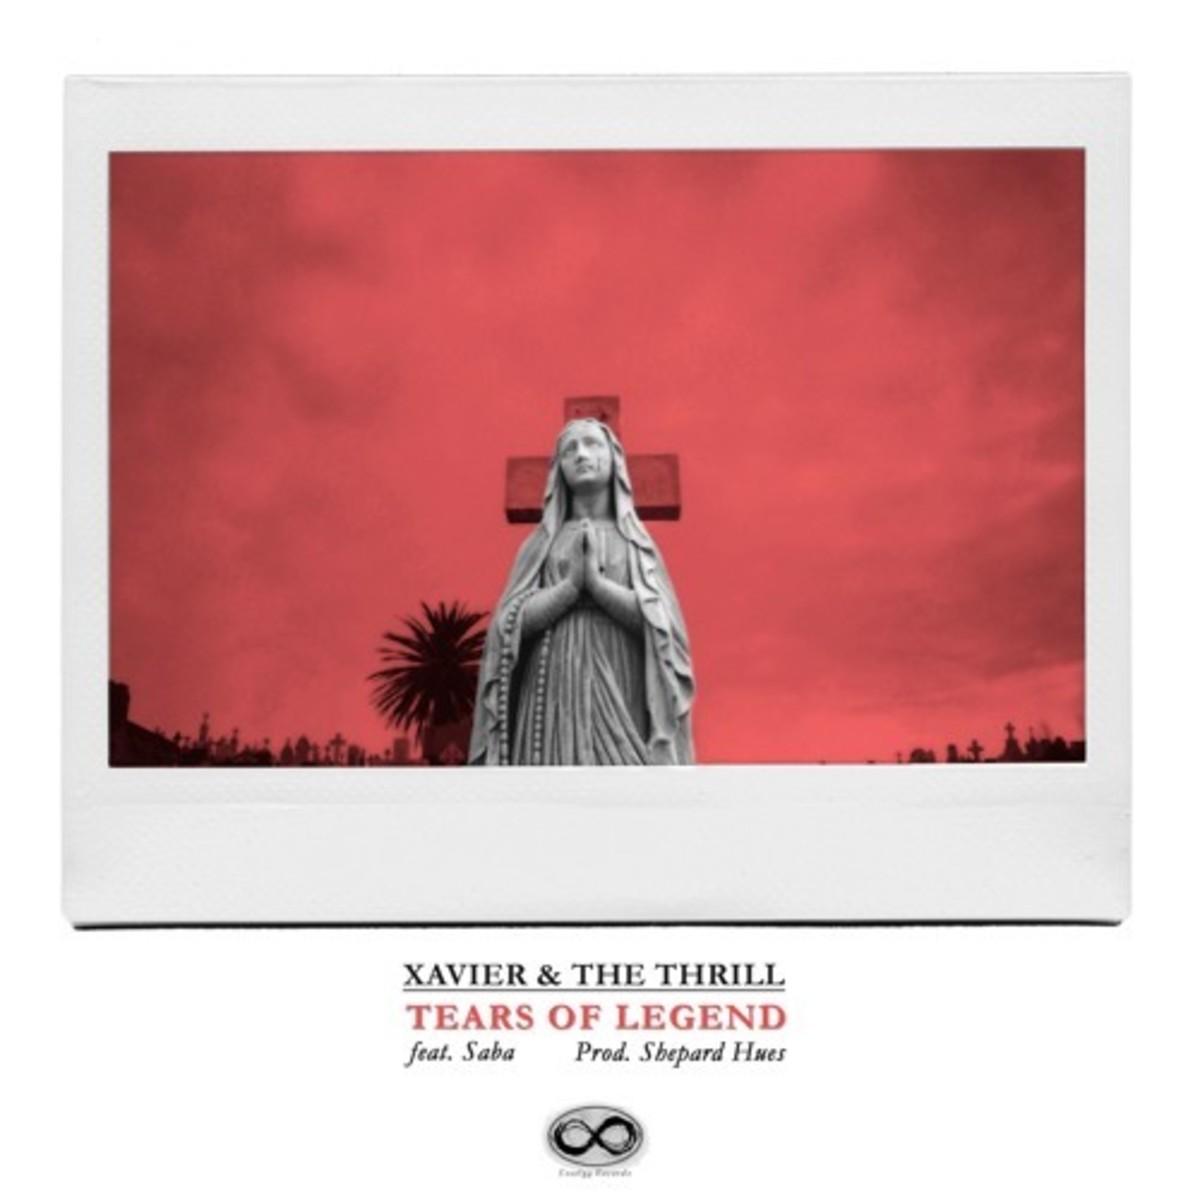 xavier-the-thrill-tears-of-legend.jpg